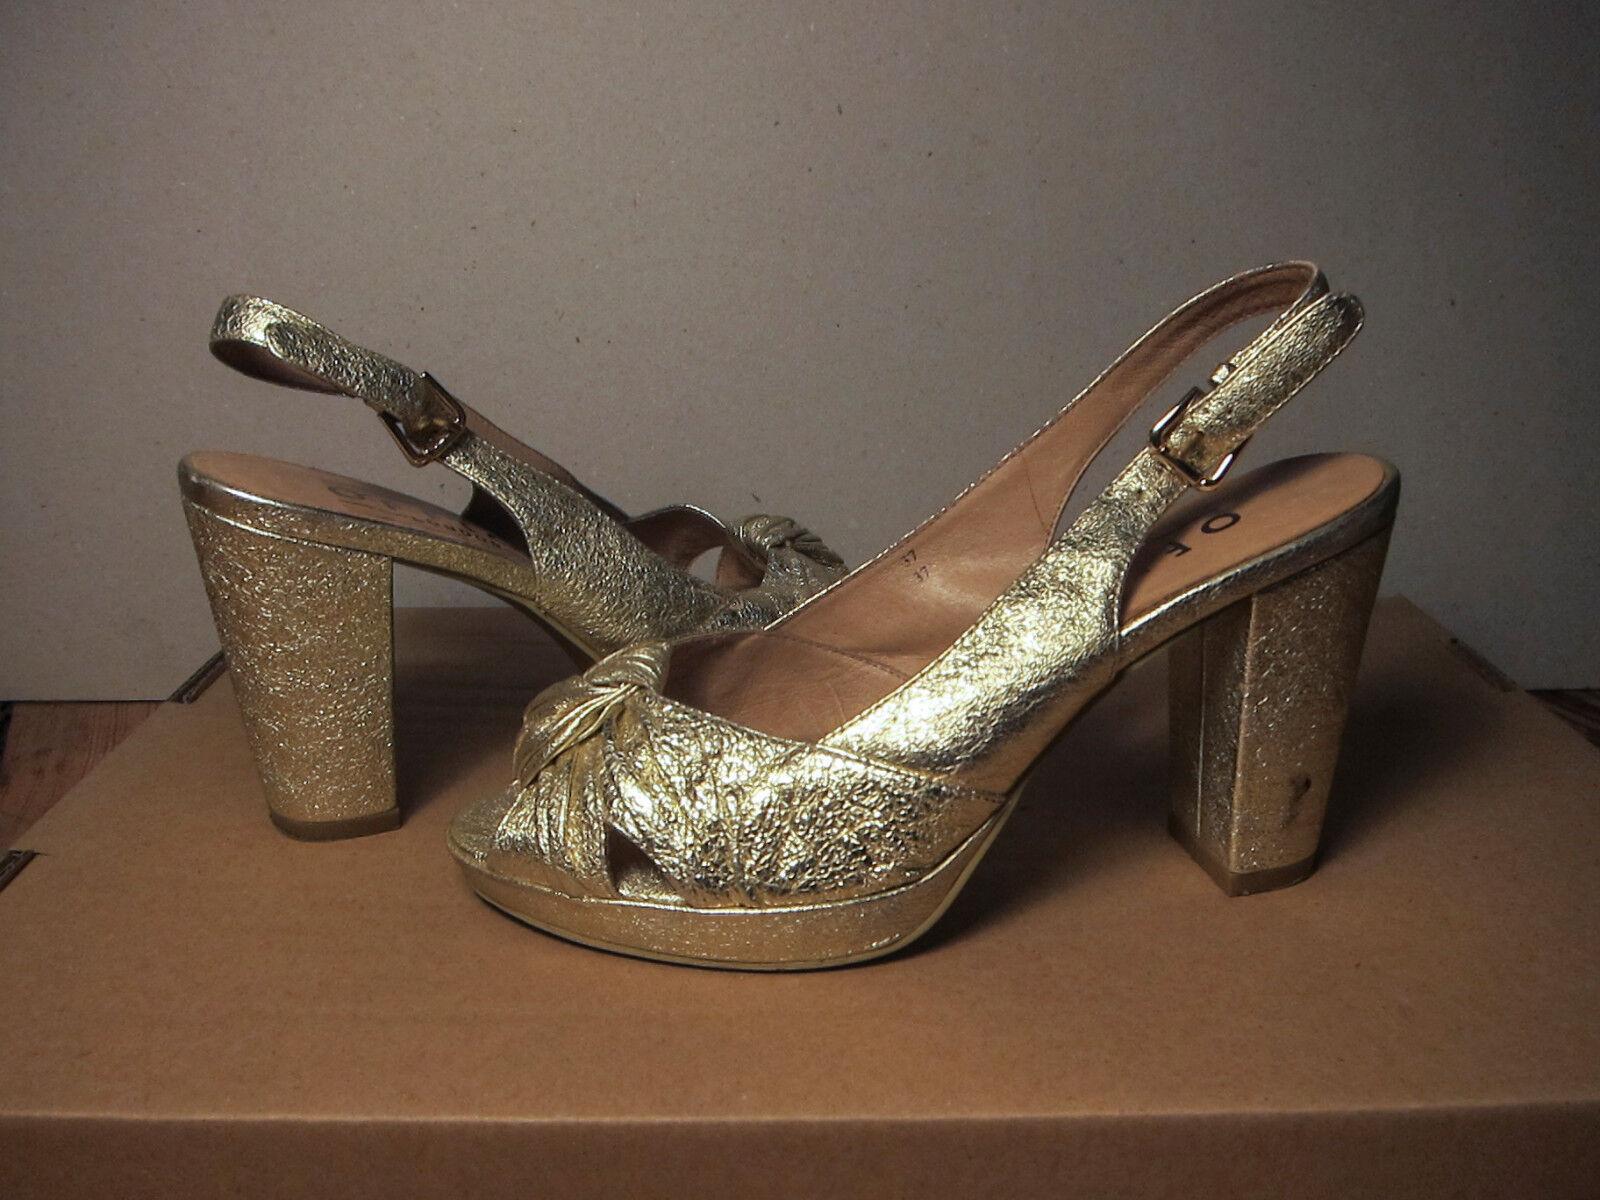 Damenschuhe, Gold, Office London, Gr. 37, kaum getragen, getragen, getragen, Leder 8e023e